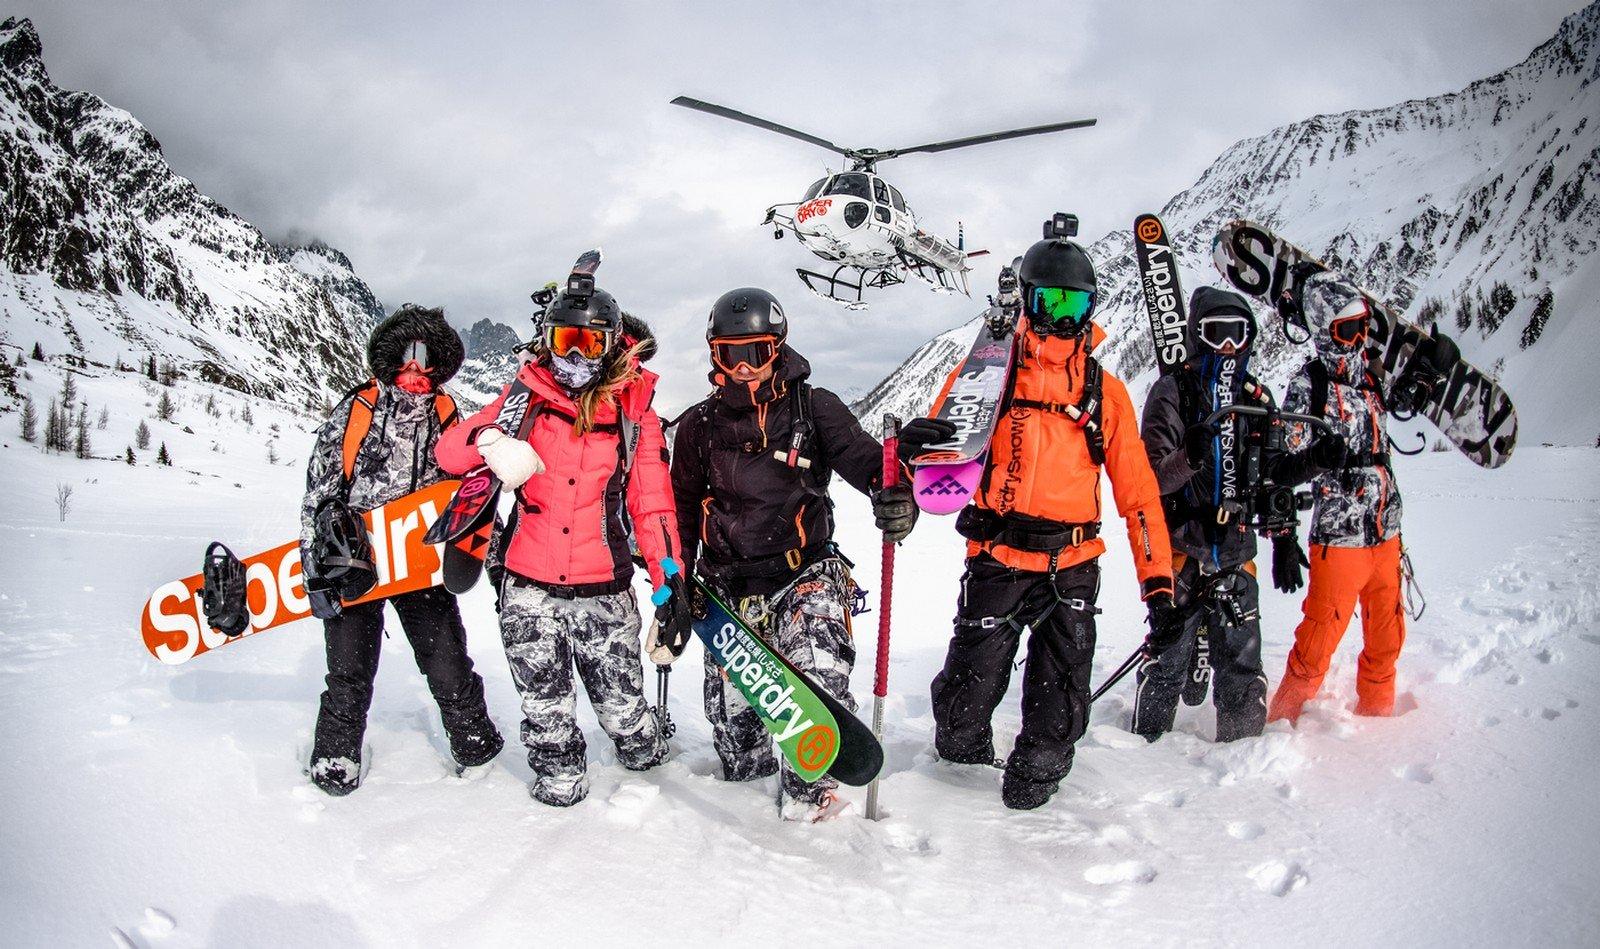 Superdroge skikleding